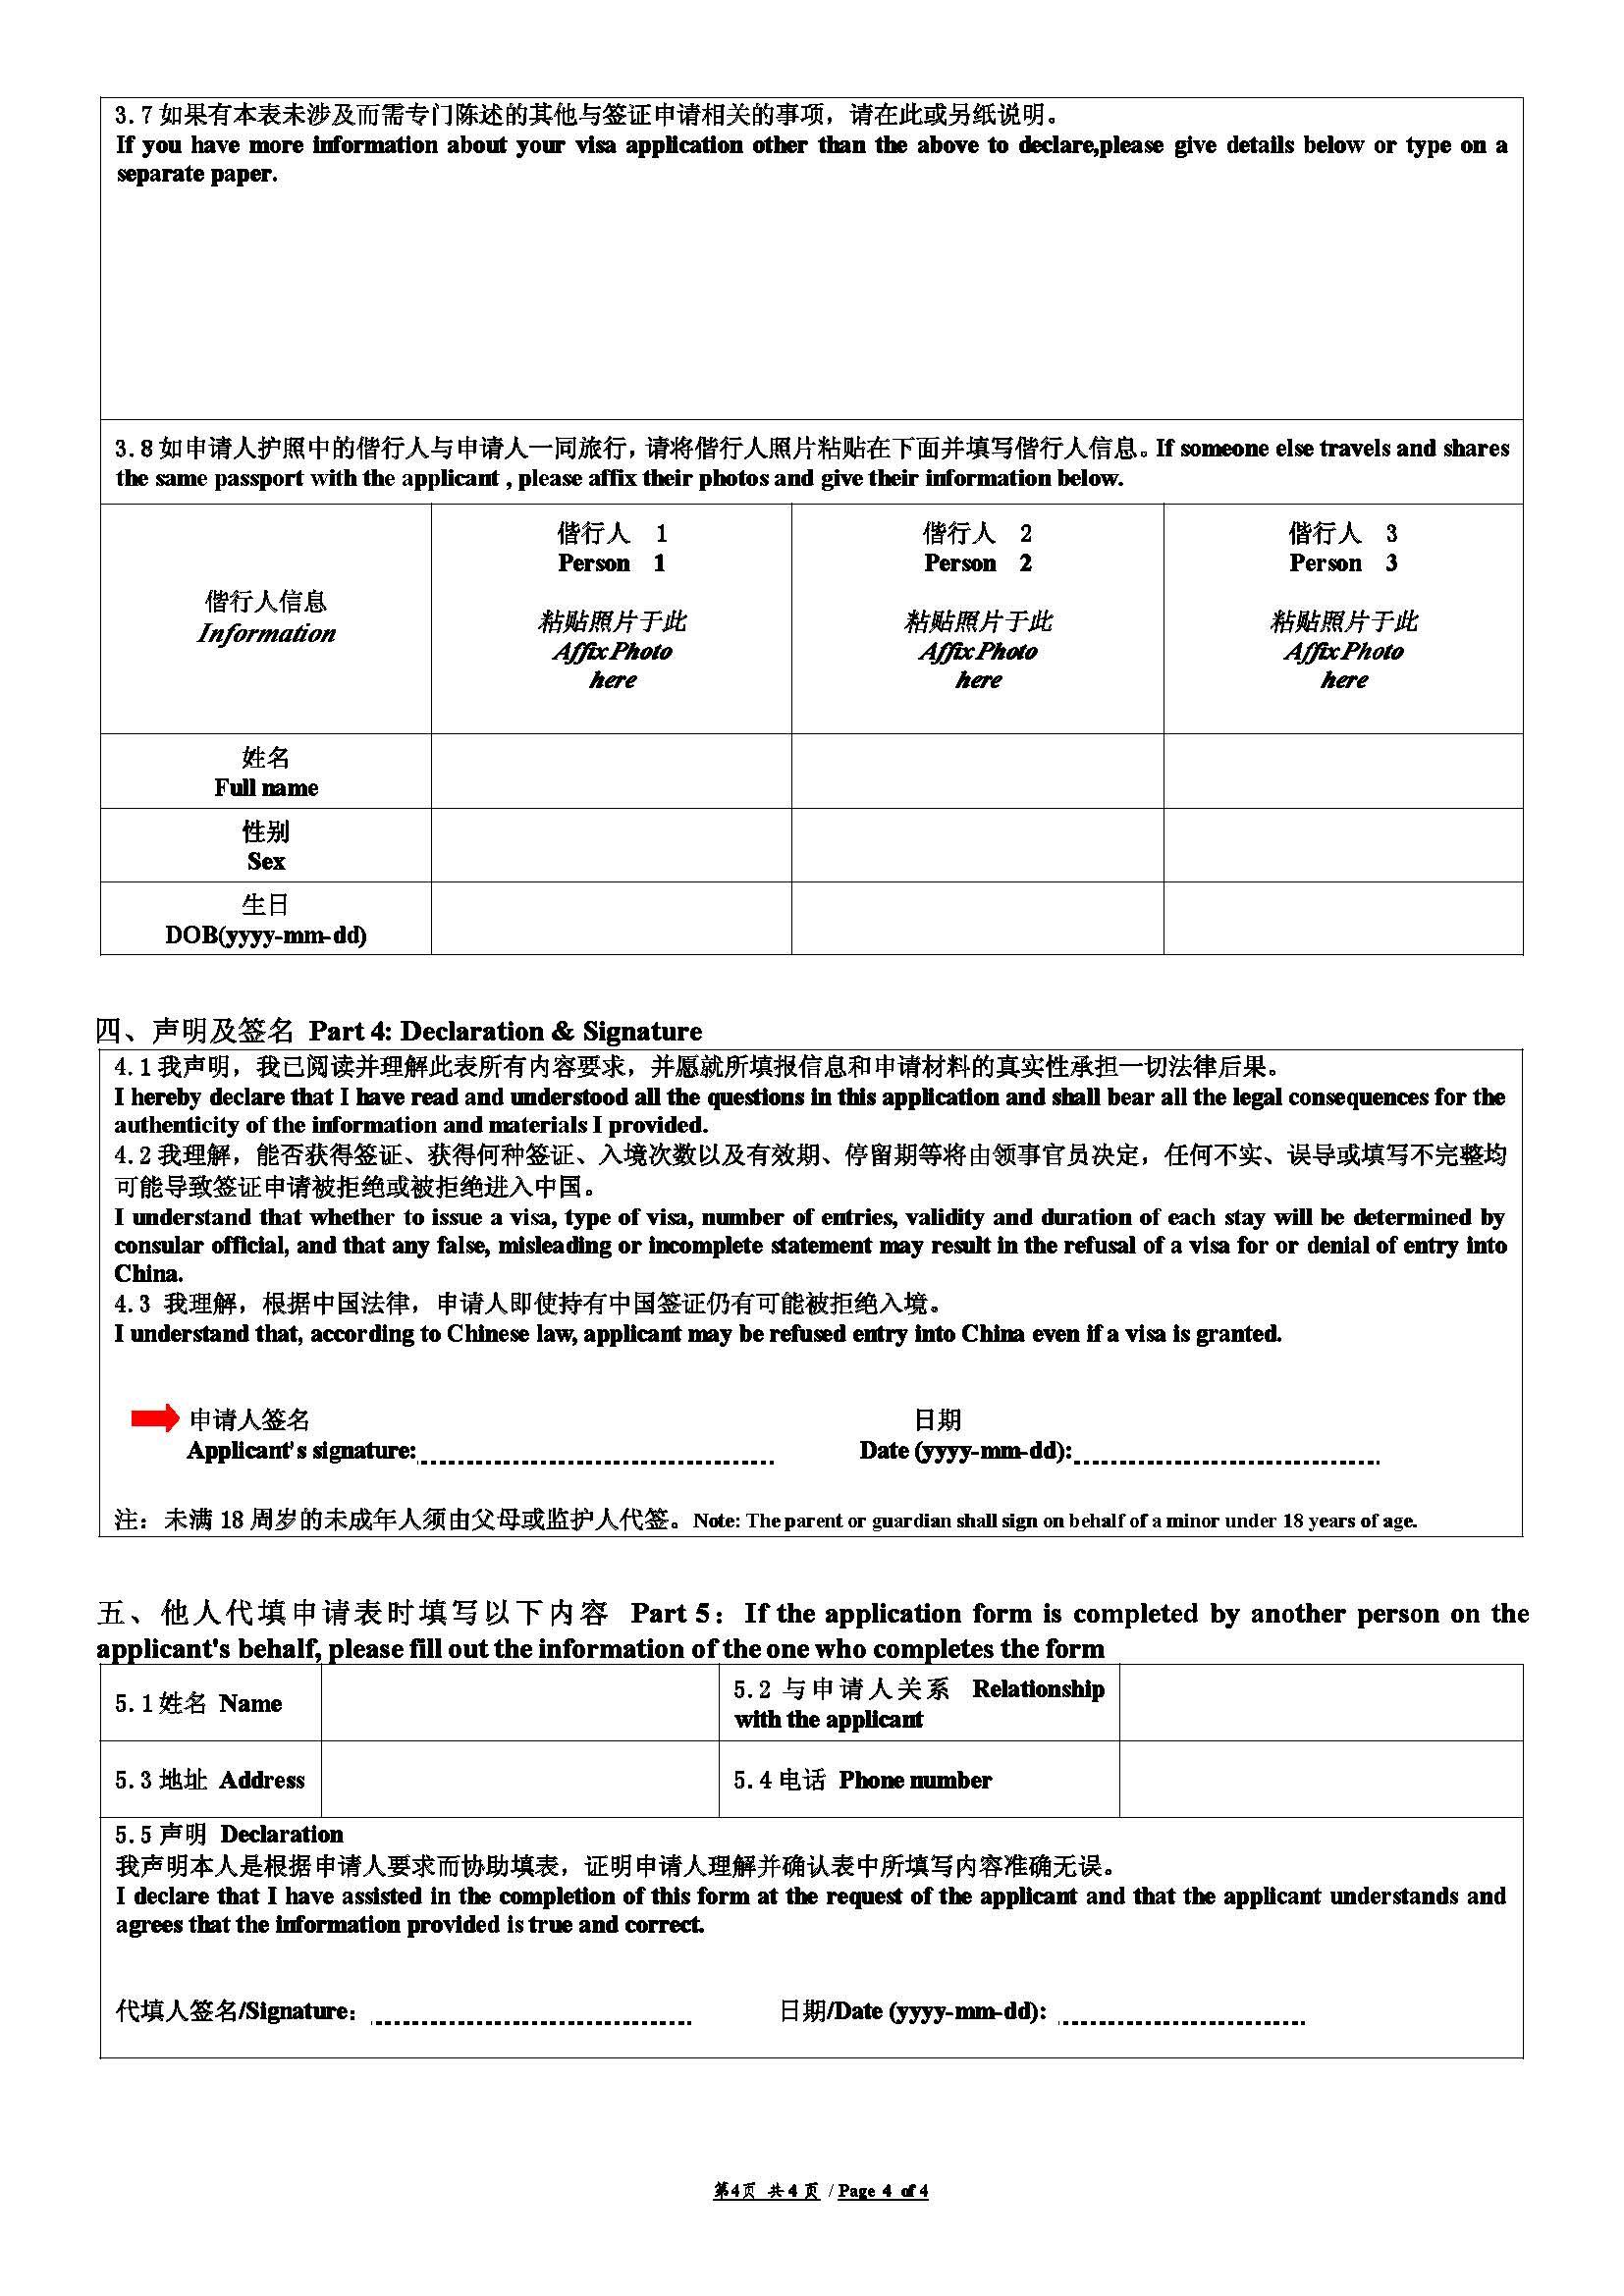 ChinaVisa2013_Page_4